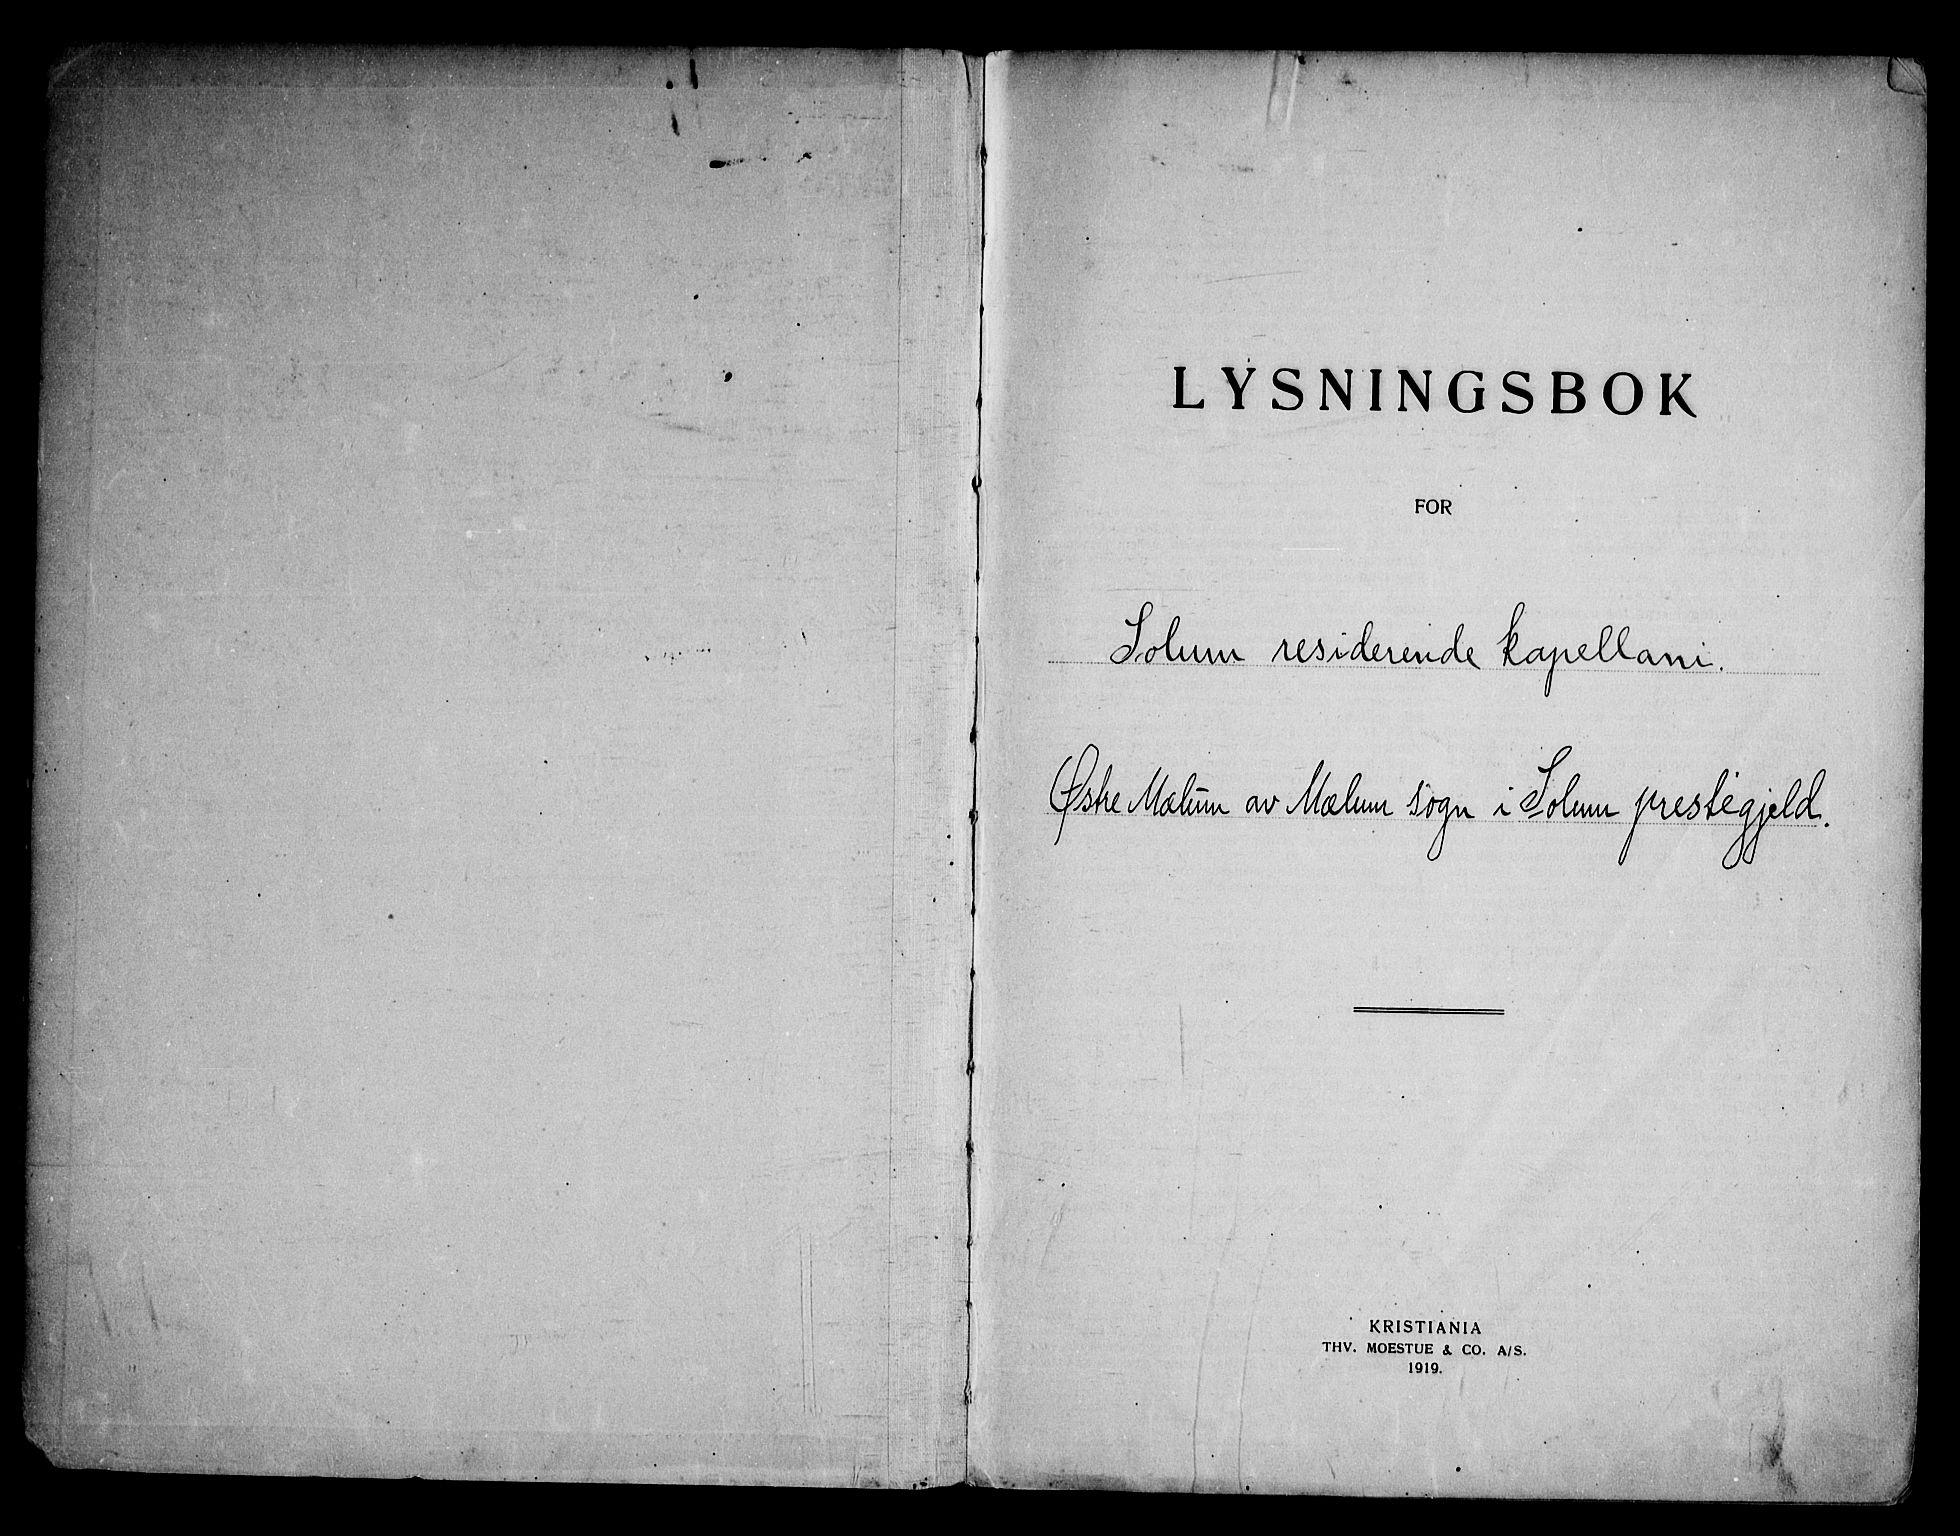 SAKO, Solum kirkebøker, H/Hb/L0001: Lysningsprotokoll nr. II 1, 1929-1963